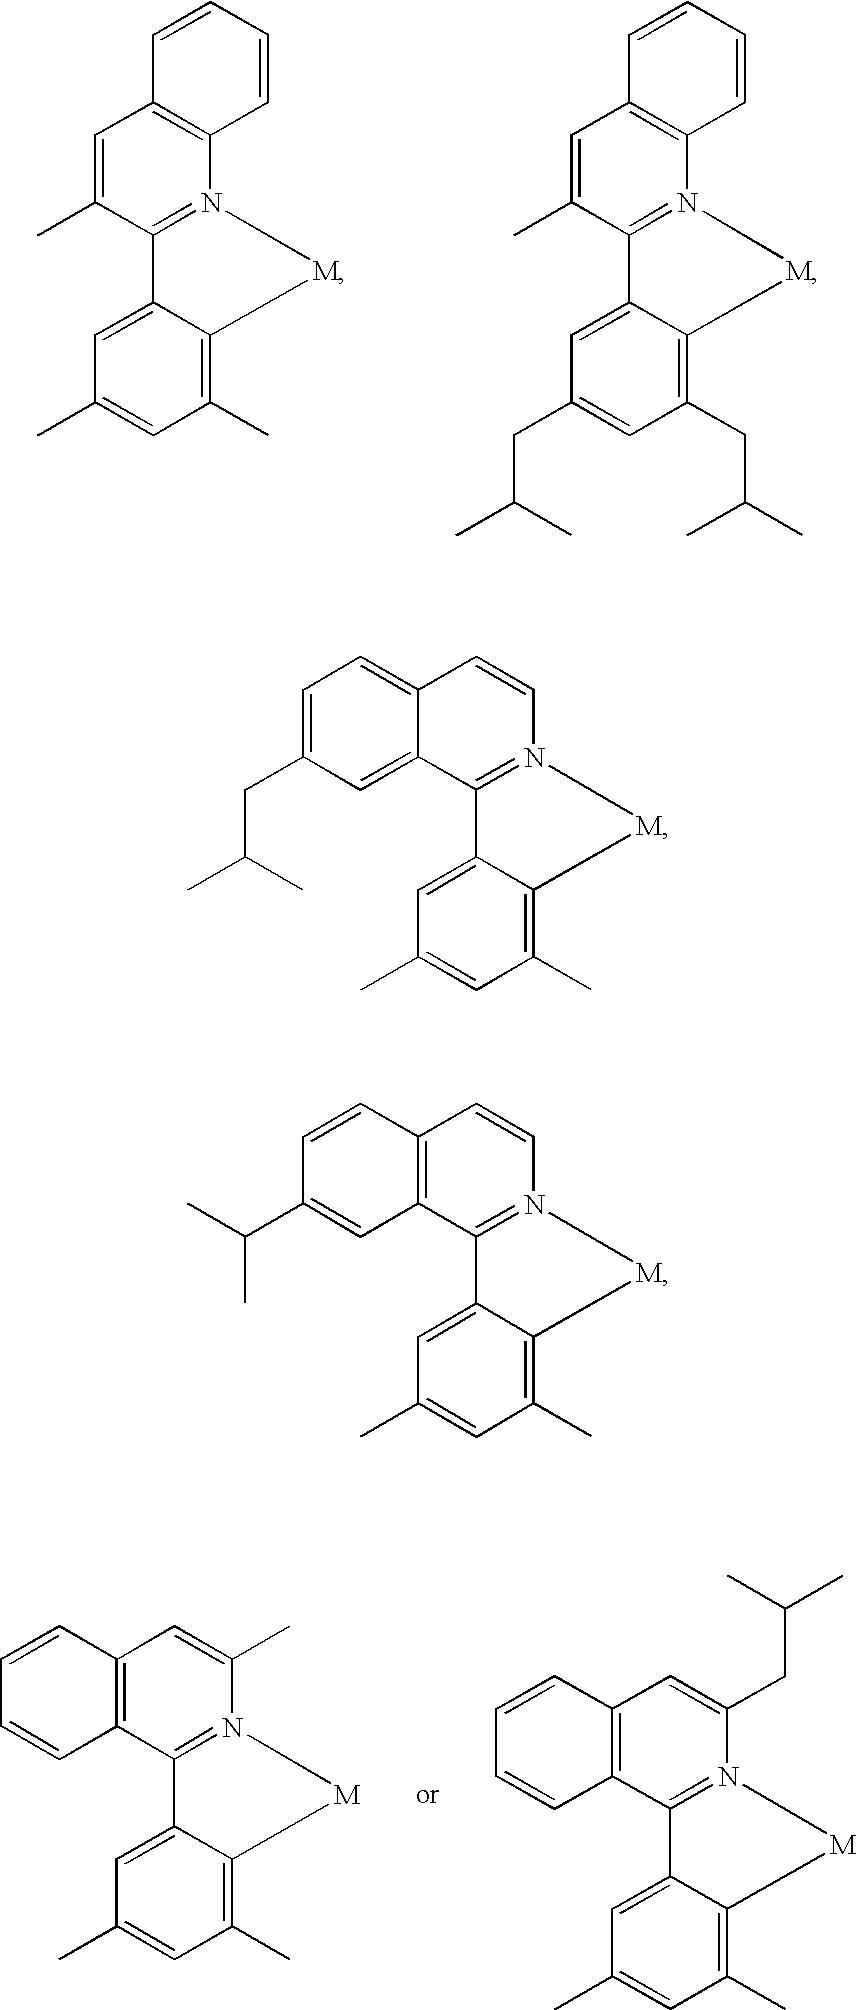 Figure US20100090591A1-20100415-C00207